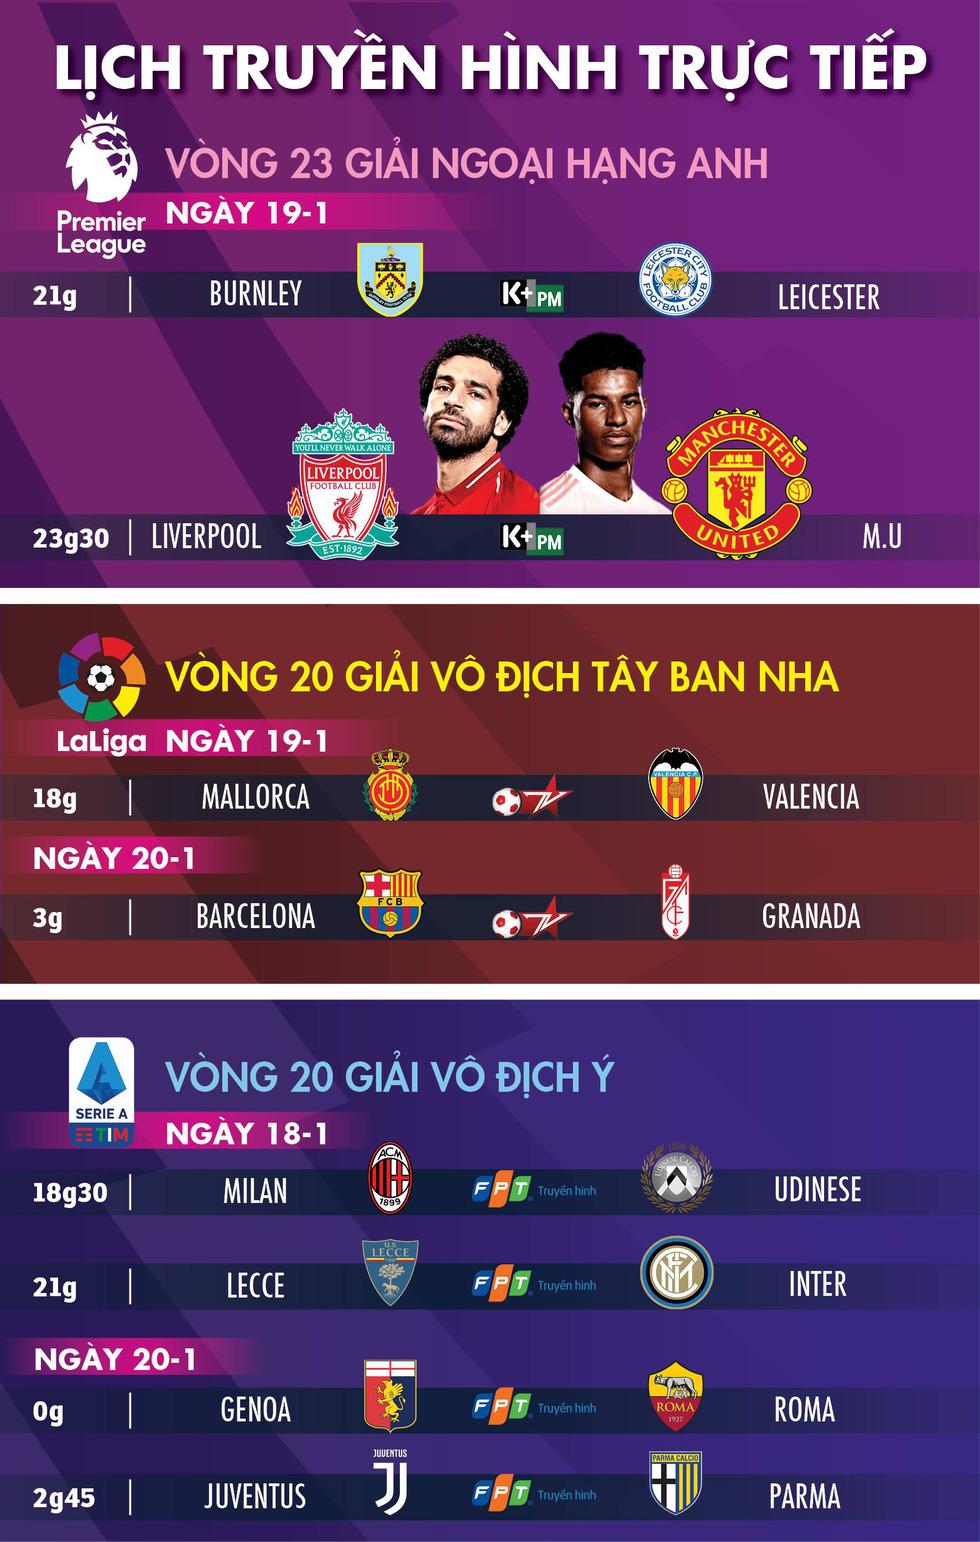 Lịch trực tiếp bóng đá châu Âu ngày 19-1: Tâm điểm Liverpool - Man United - Ảnh 1.